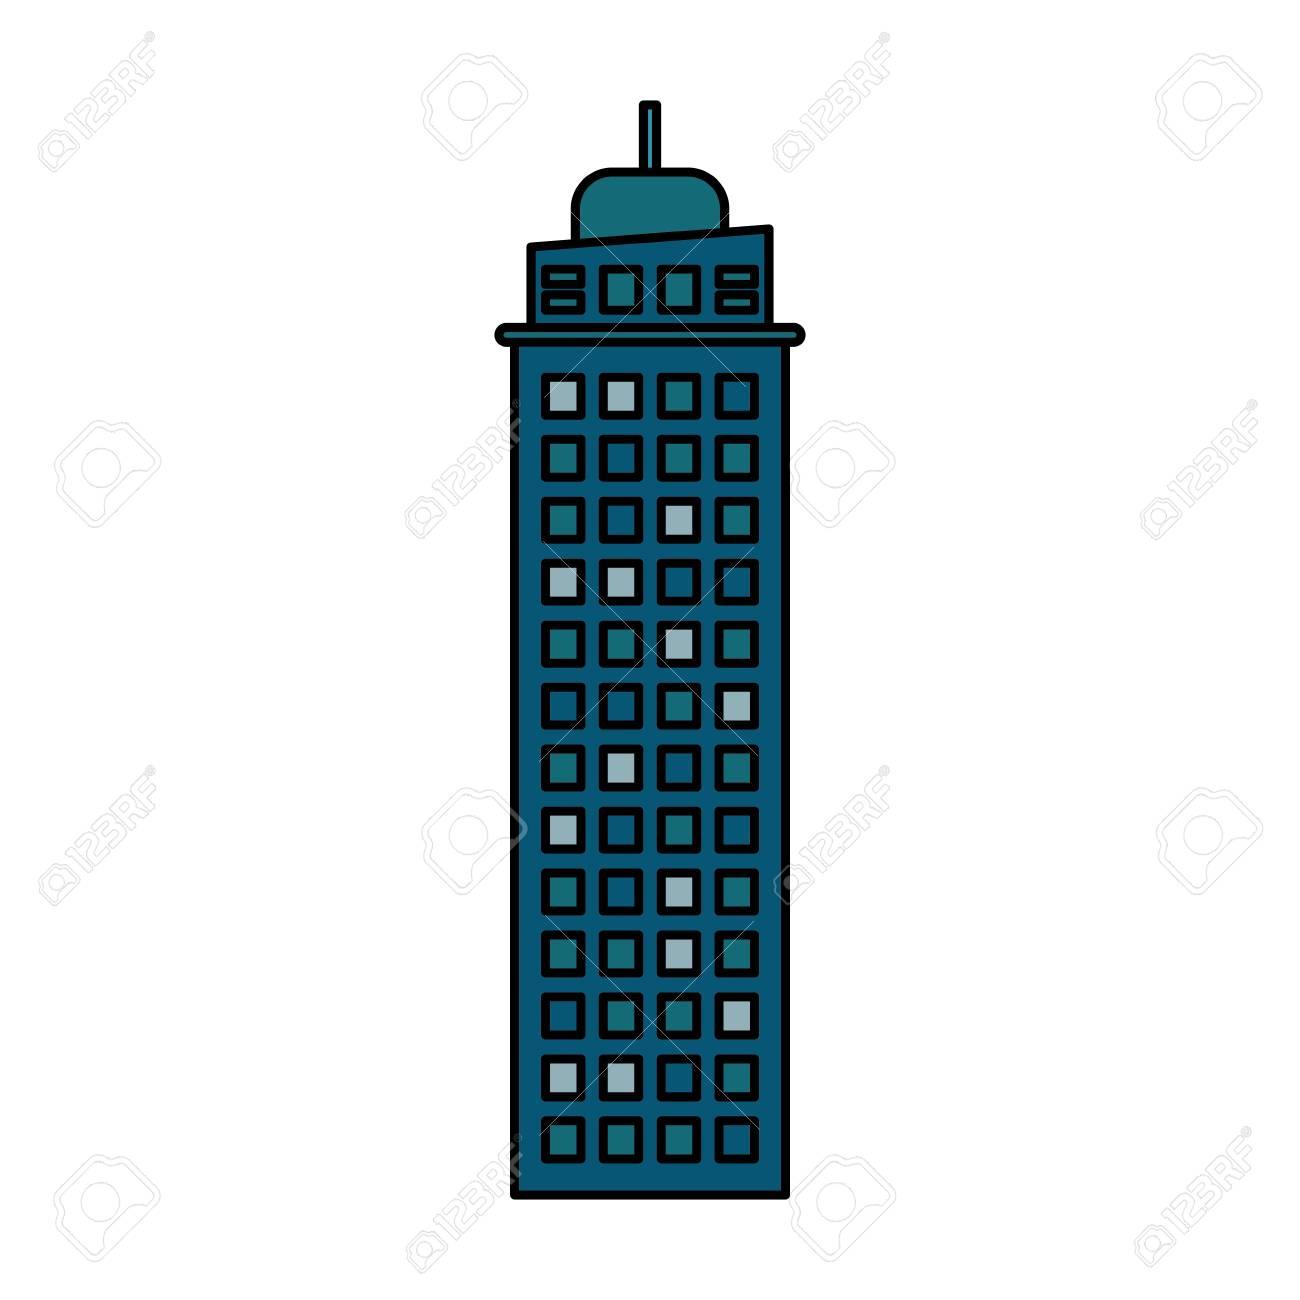 building architecture modern skyscraper vector illustration eps rh 123rf com singapore skyscraper vector skyscraper silhouette vector